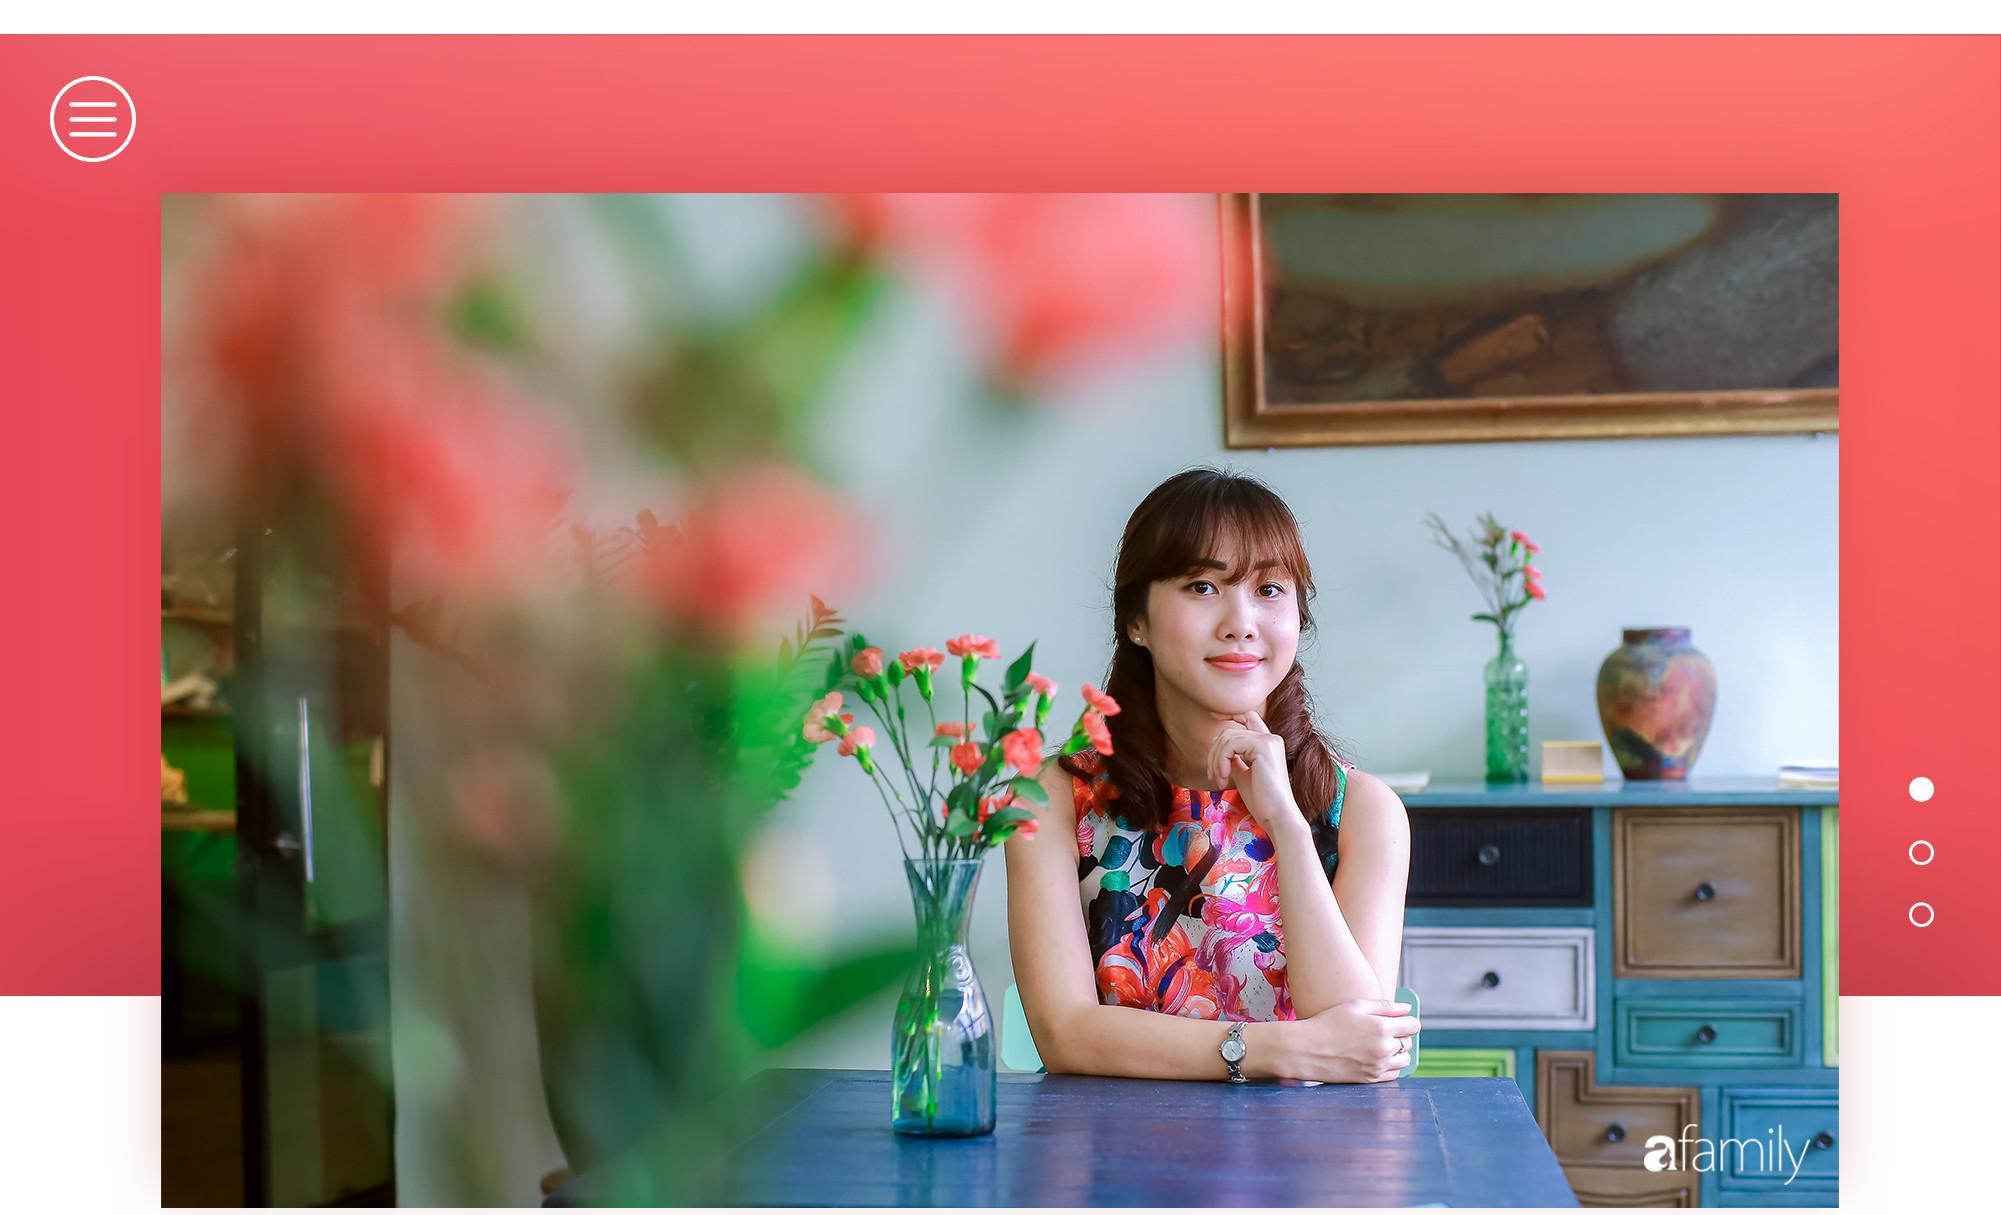 Vũ Nguyệt Ánh, CEO của app hẹn hò kén chọn nhất Việt Nam: Tôi đánh đổi an toàn để đi con đường mình chọn - Ảnh 15.